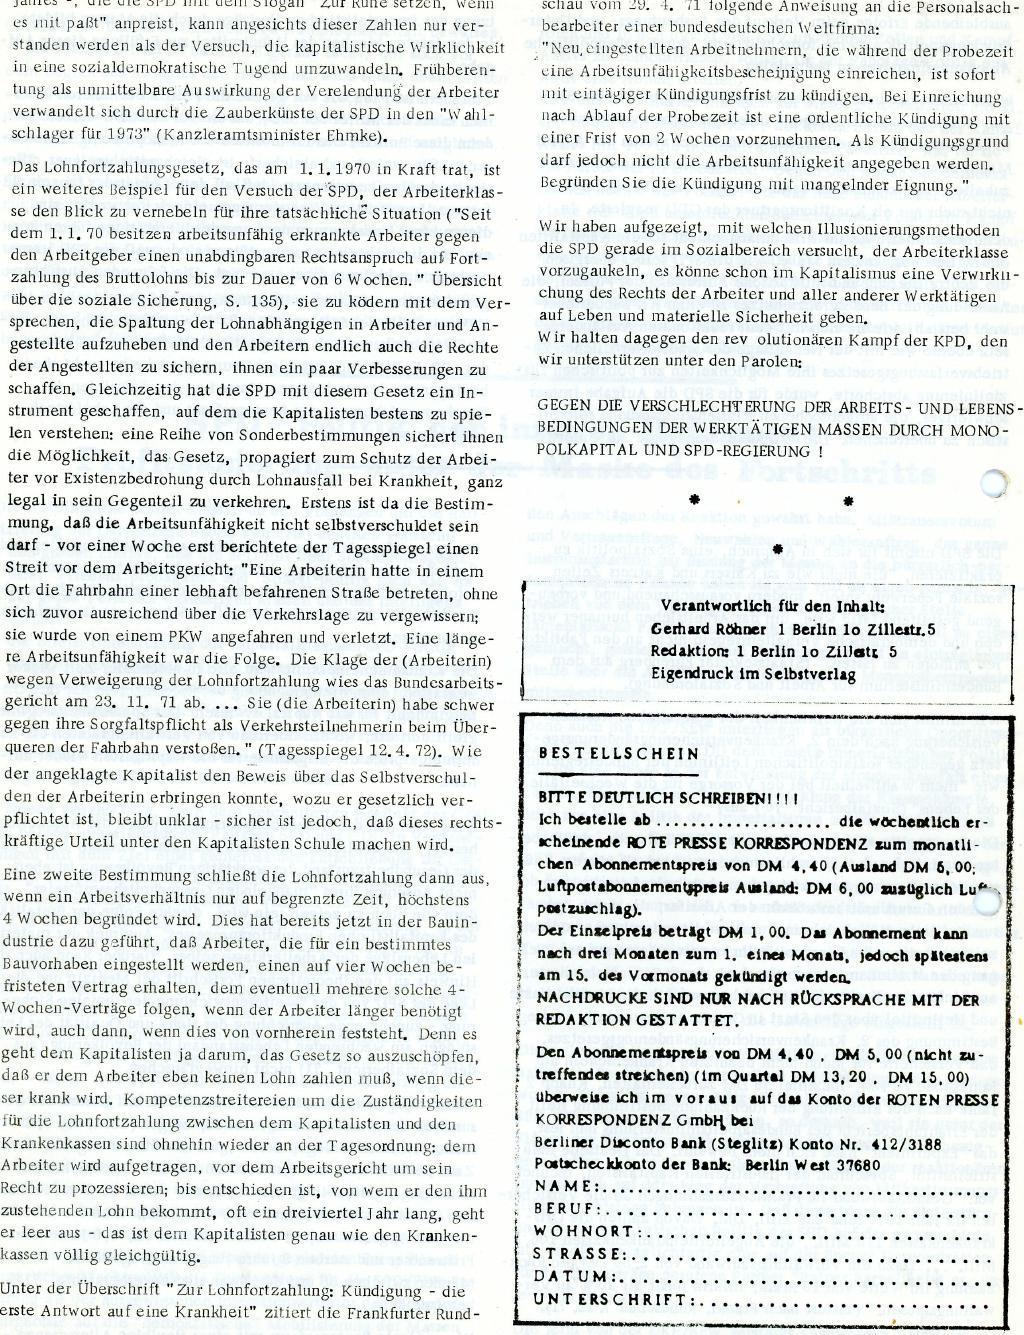 RPK_1972_166_12